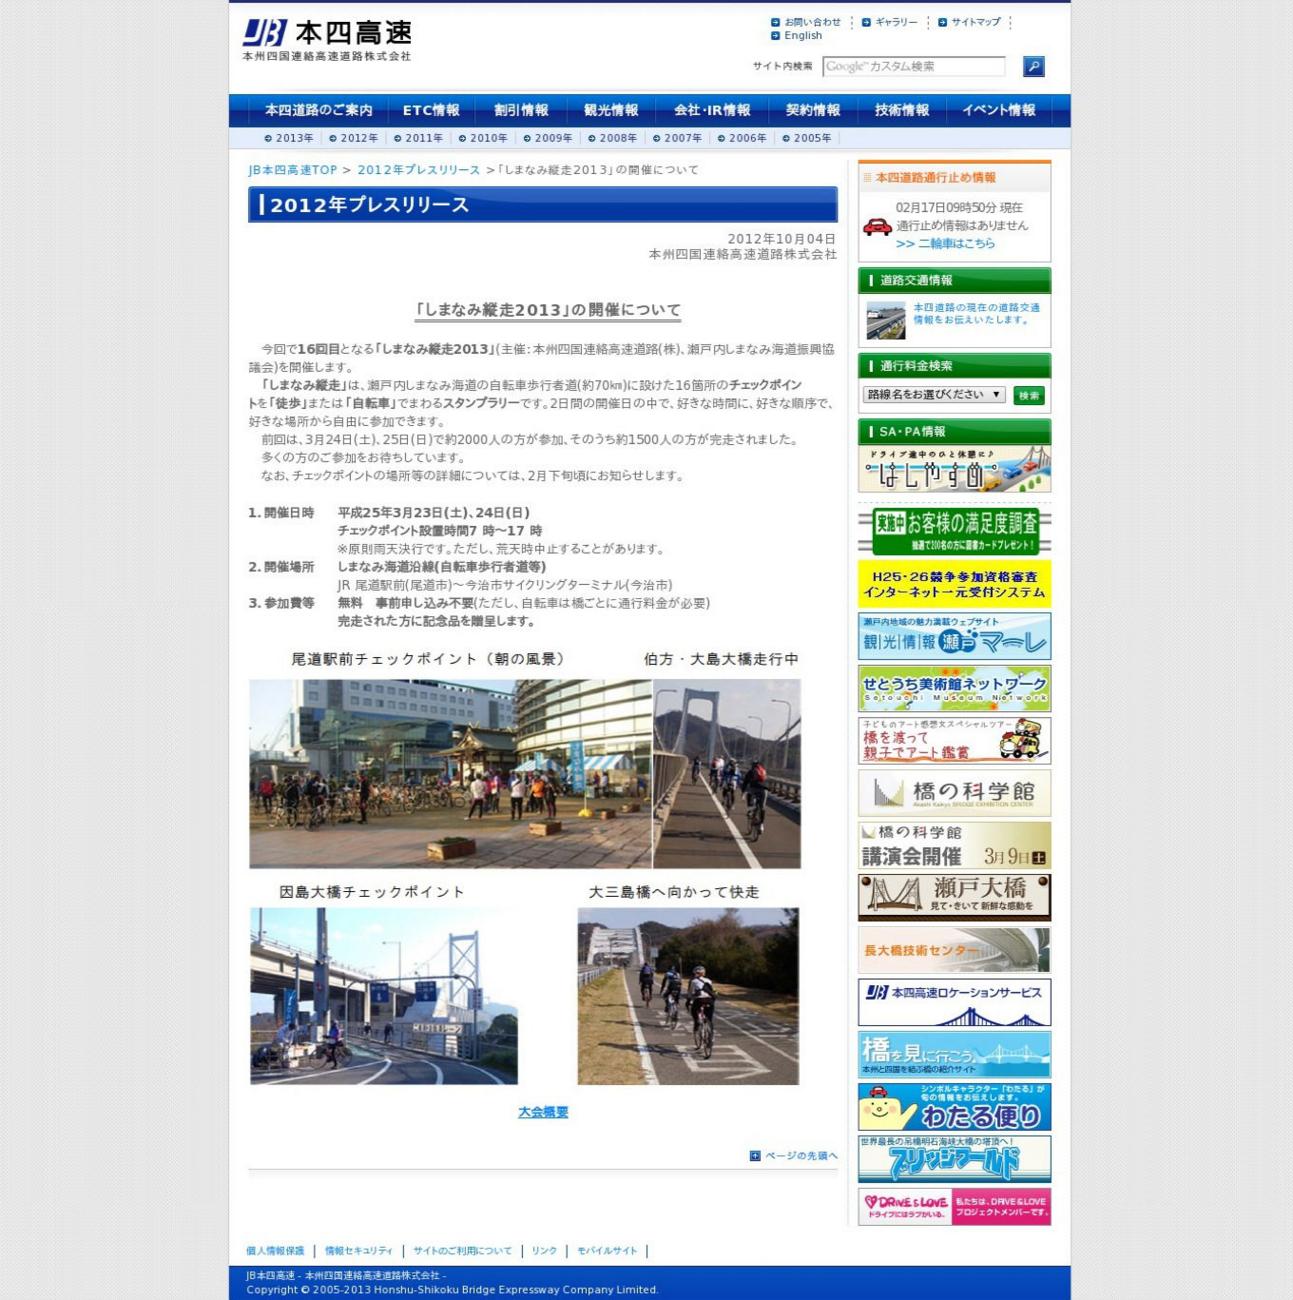 「しまなみ縦走2013」の開催について、開催日時:平成25年3月23日(土)、2